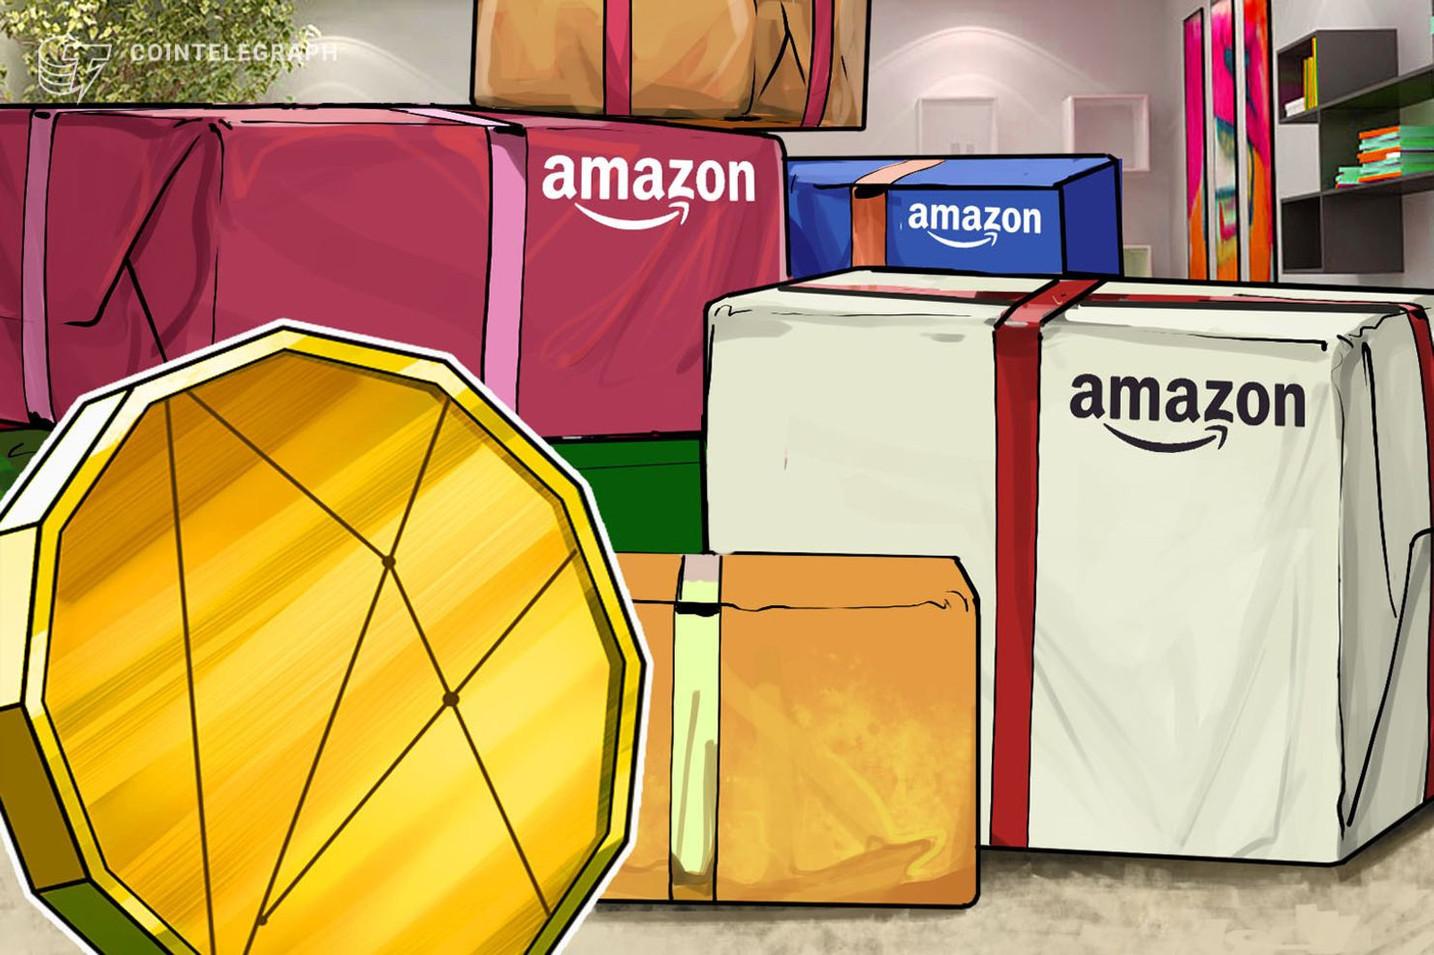 アマゾンがブロックチェーン技術者の求人 広告ビジネスに注力か